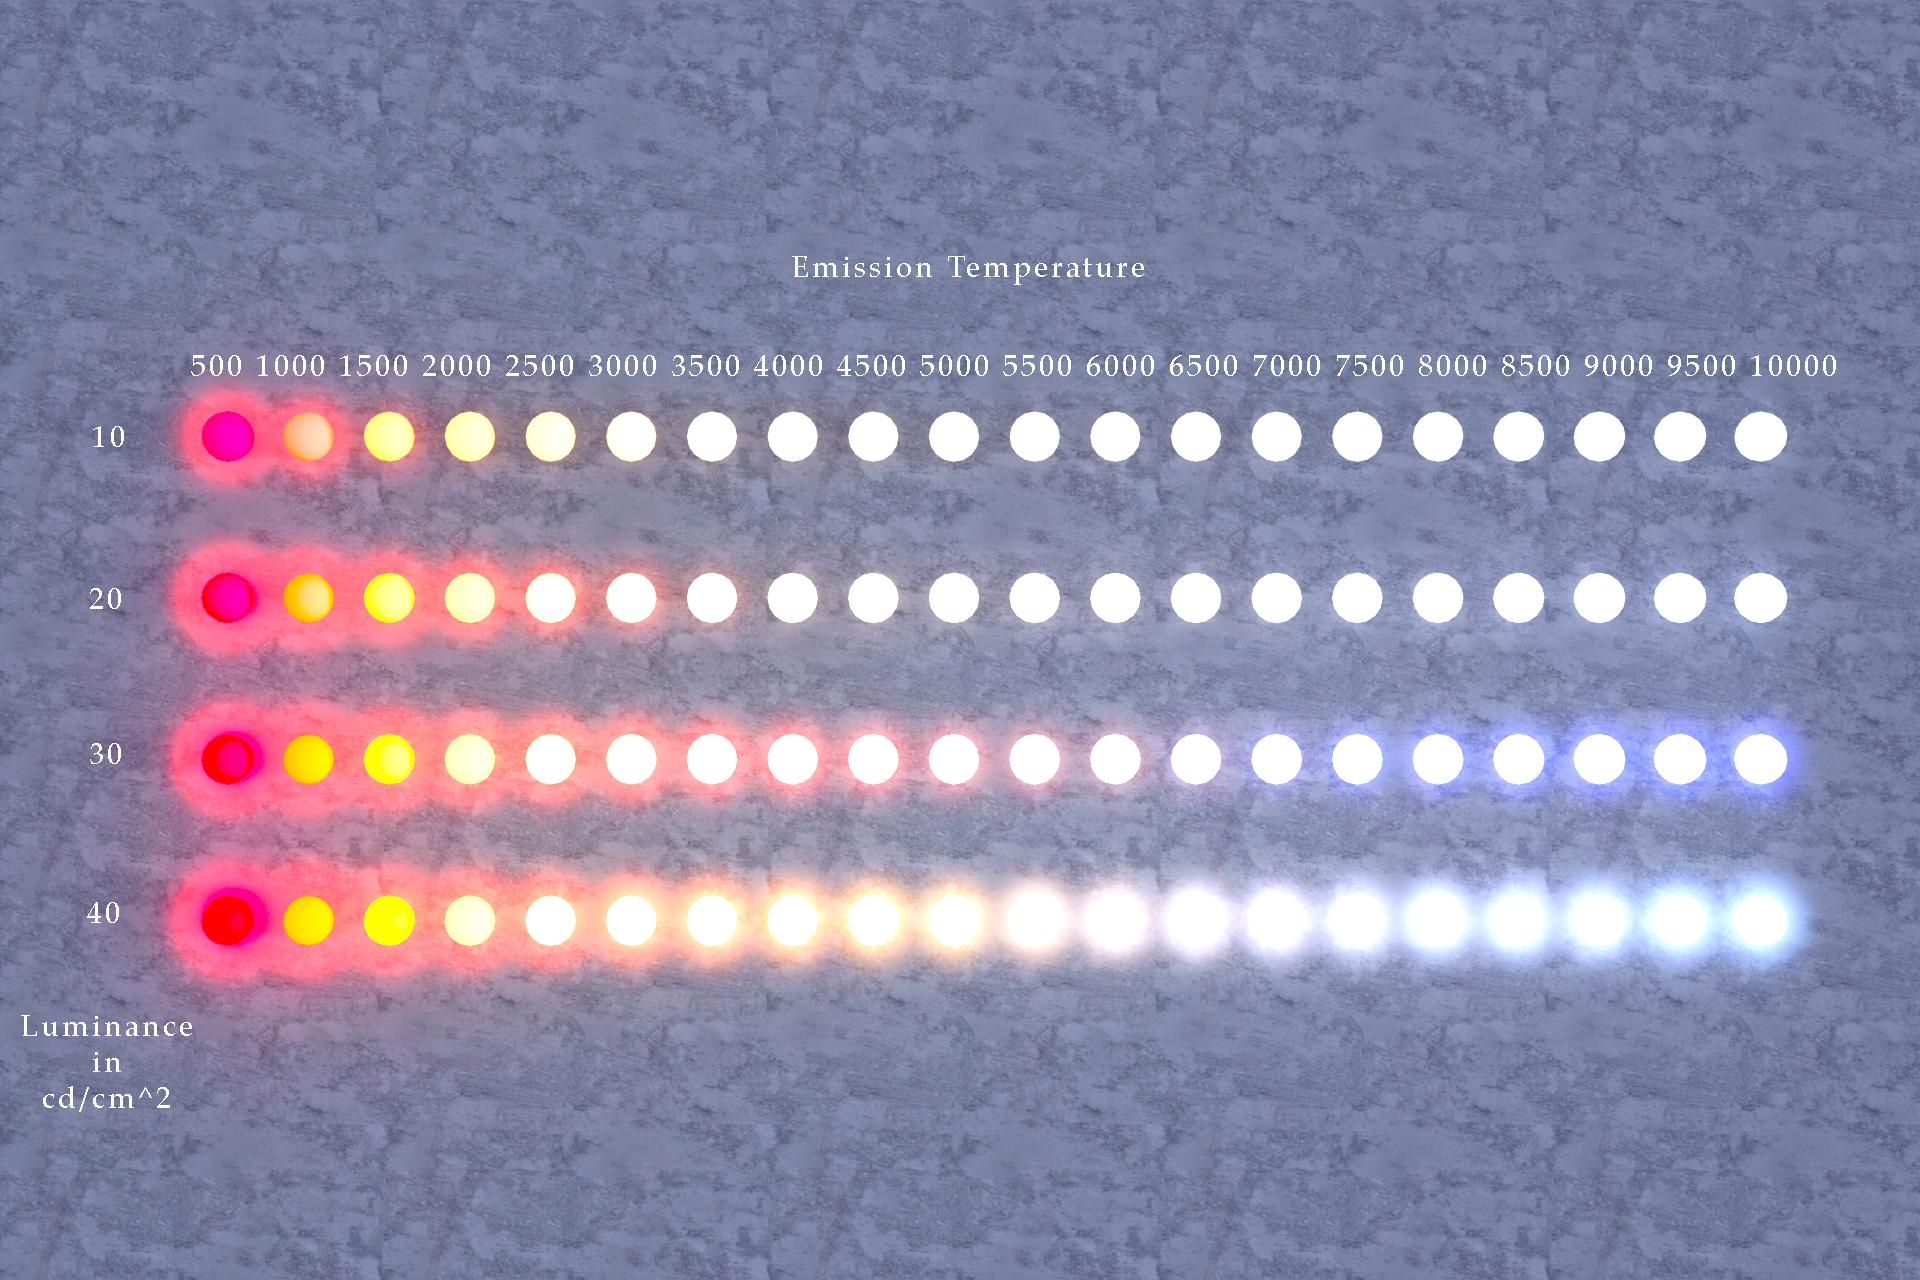 Daz Iray Emission Temperatures